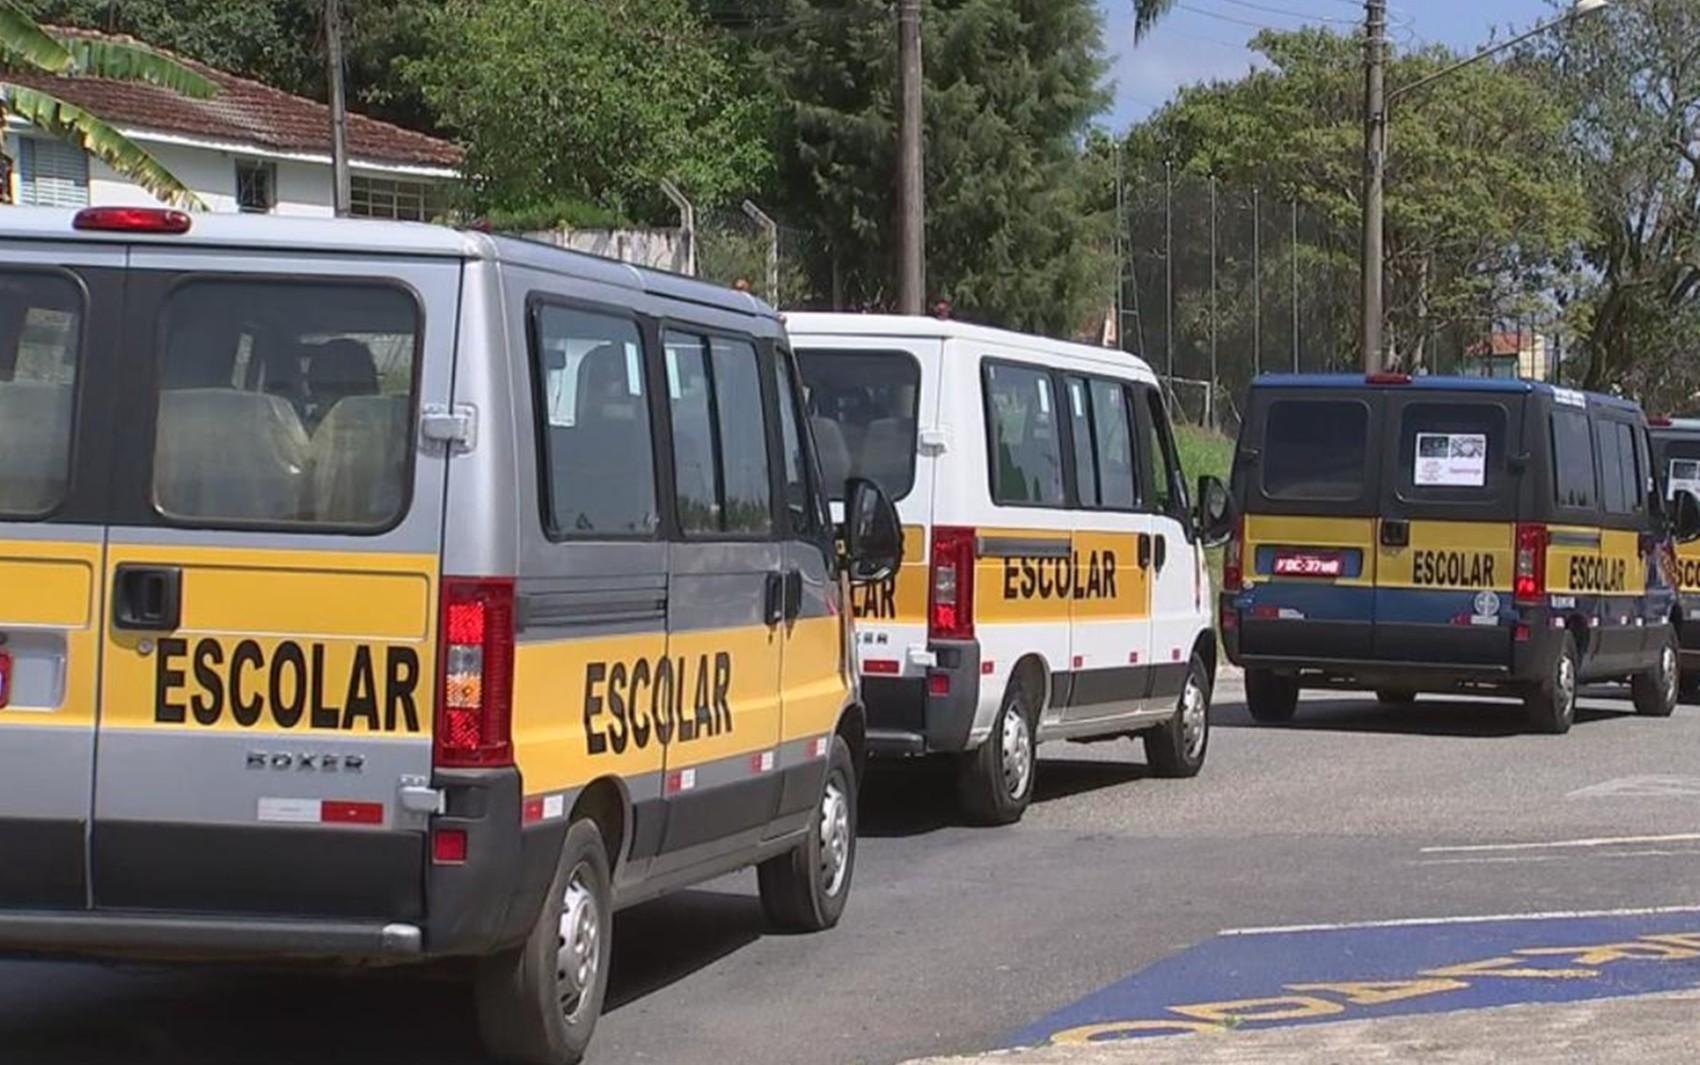 Procon de Araguari emite parecer sobre relações de consumo no transporte escolar durante pandemia